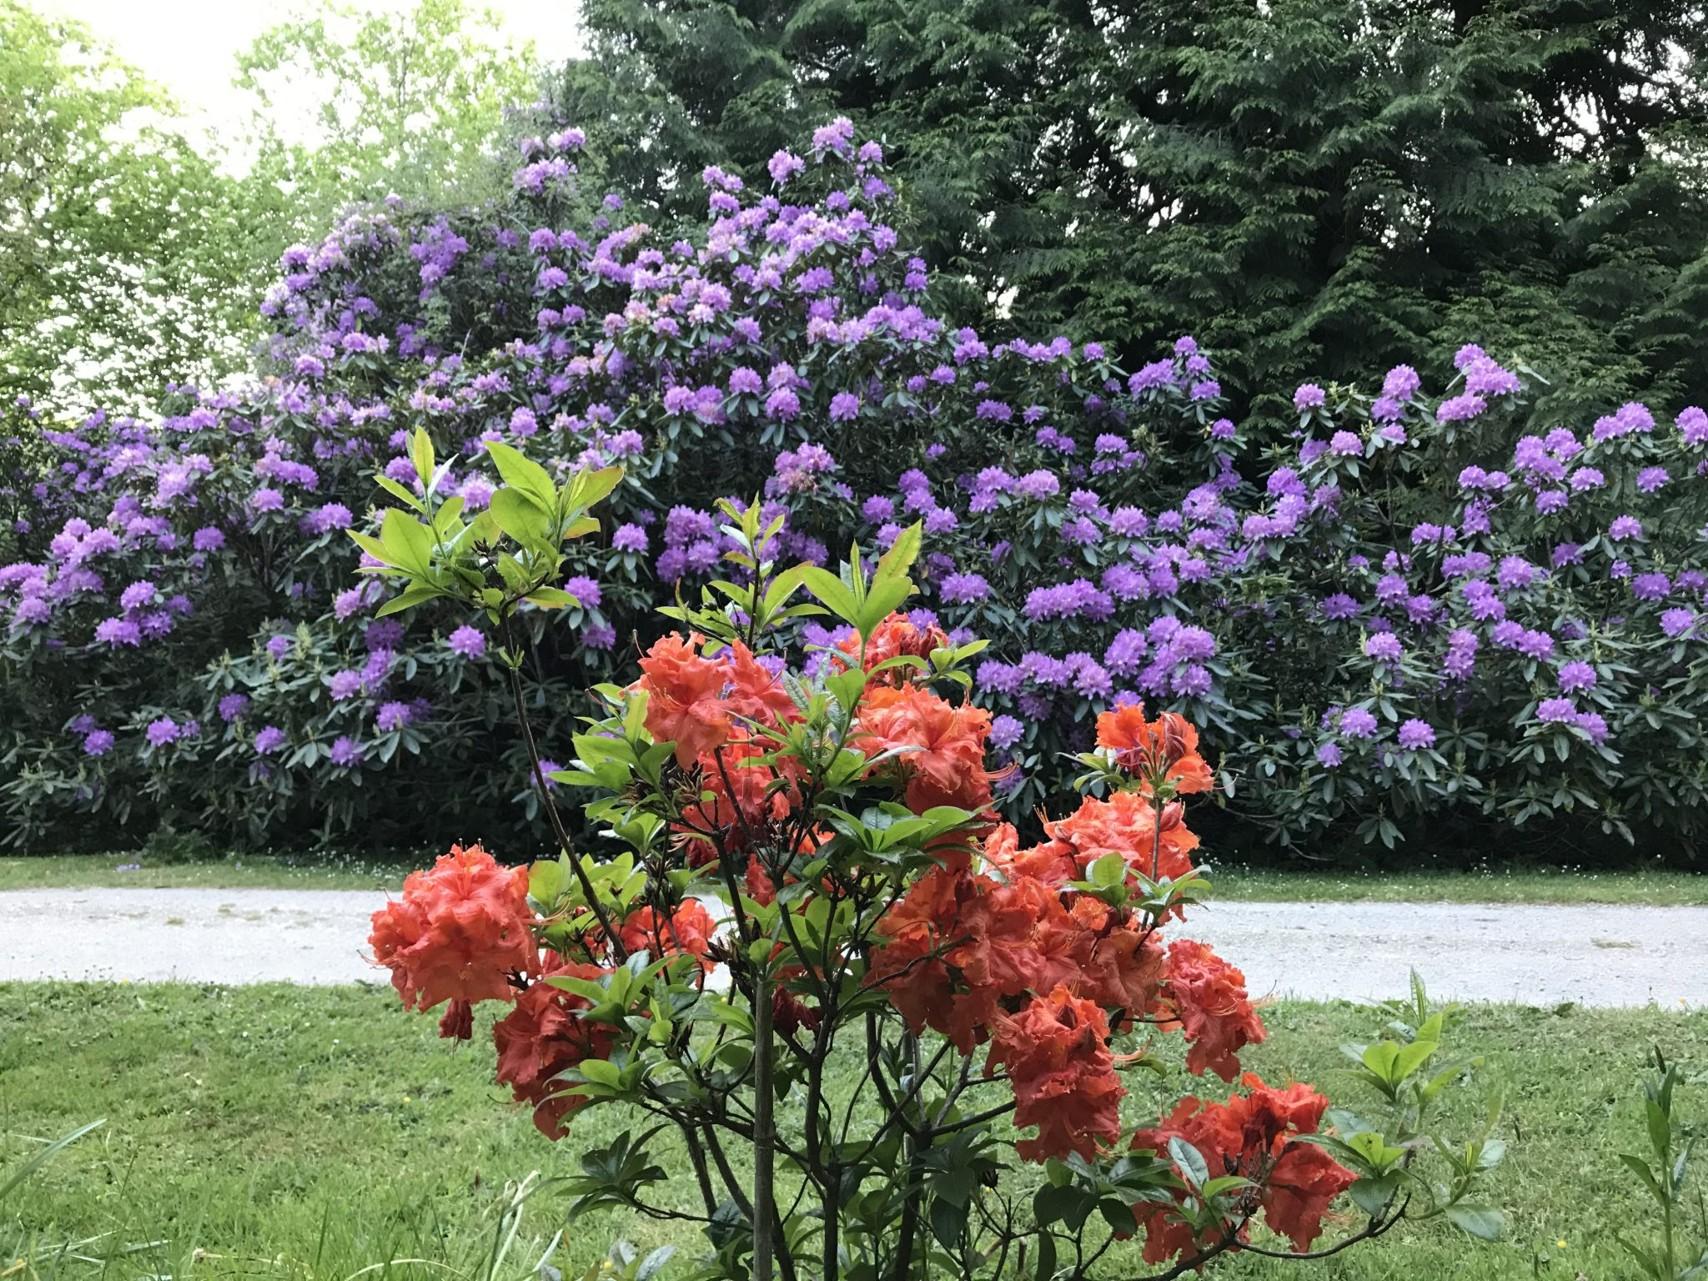 Big Mauve Rhododendron and Small Orange Azalea